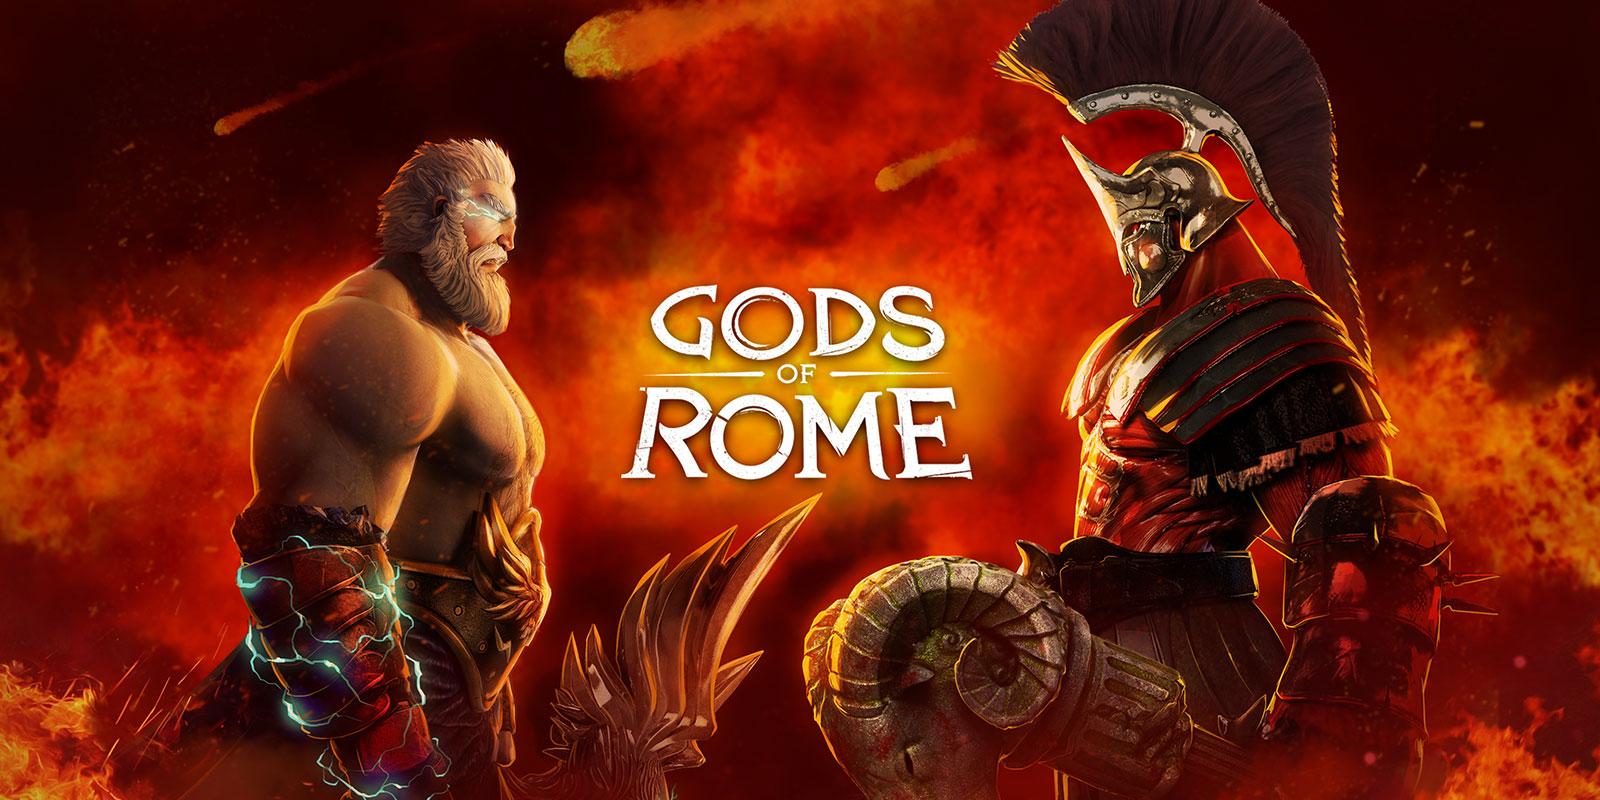 """دانلود Gods of Rome - بازی اکشن خارق العاده """"خدایان روم"""" اندروید + دیتا - محصول گیملافت !"""